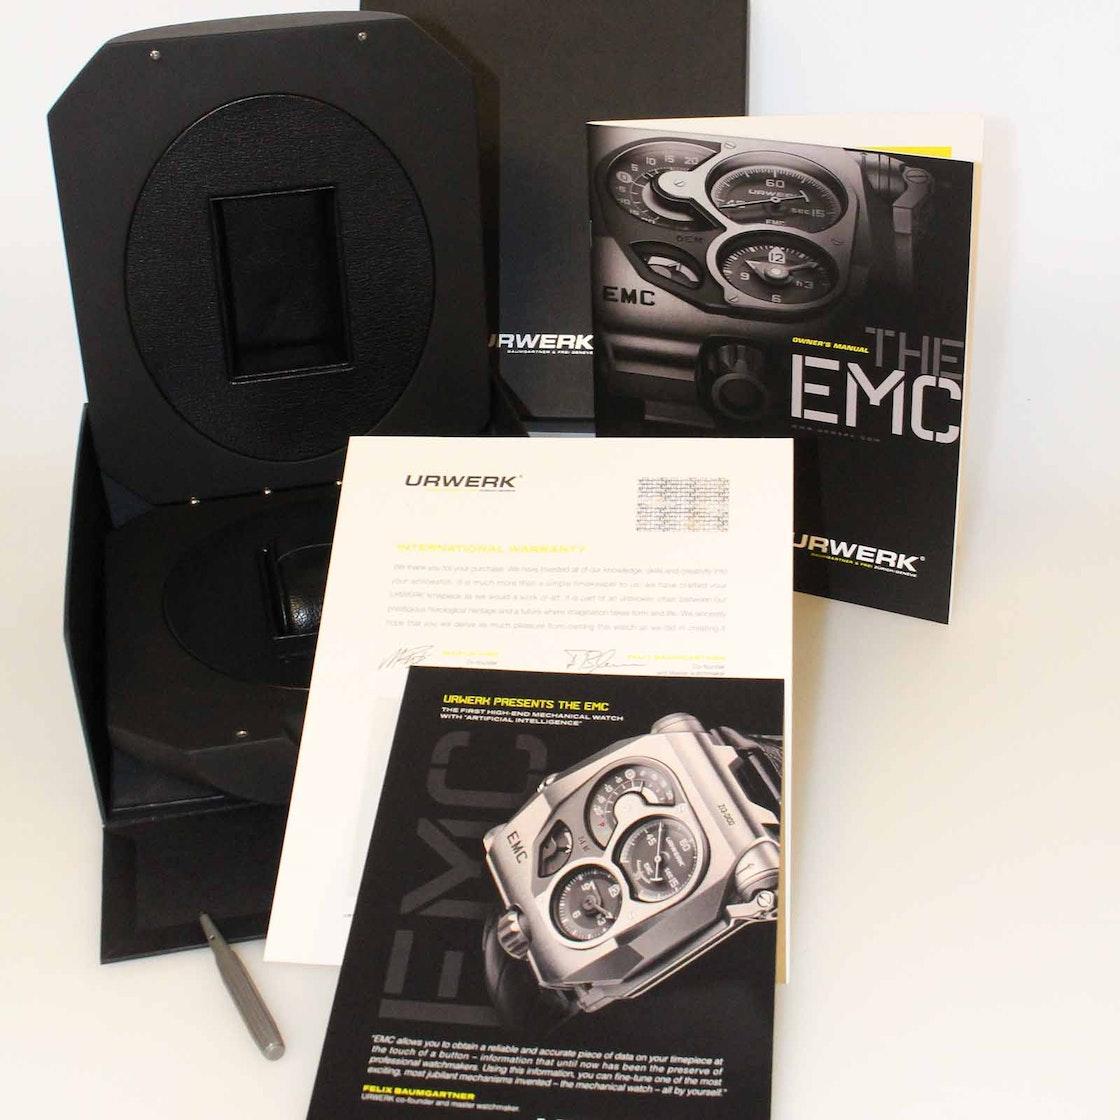 Urwerk EMC EMC